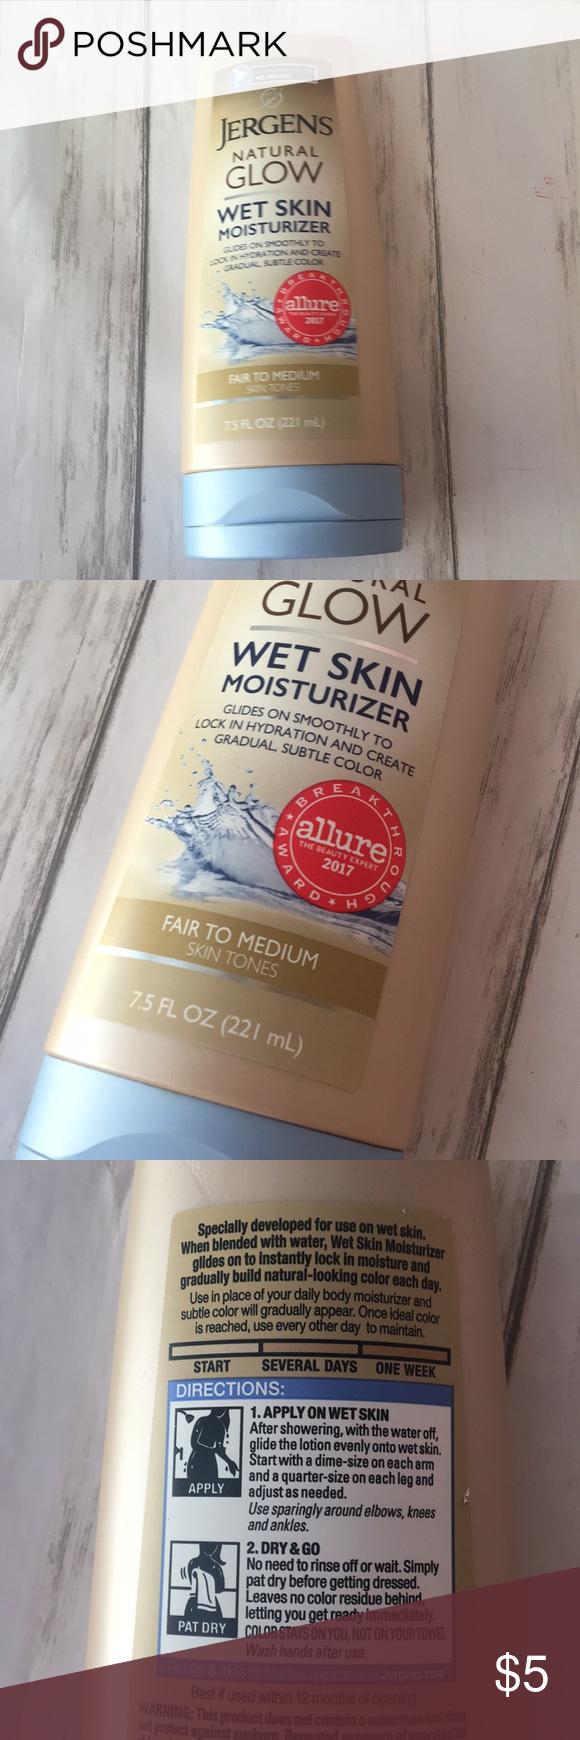 Jergens natural glow wet skin moisturizer Jergens natural glow wet skin moisturi